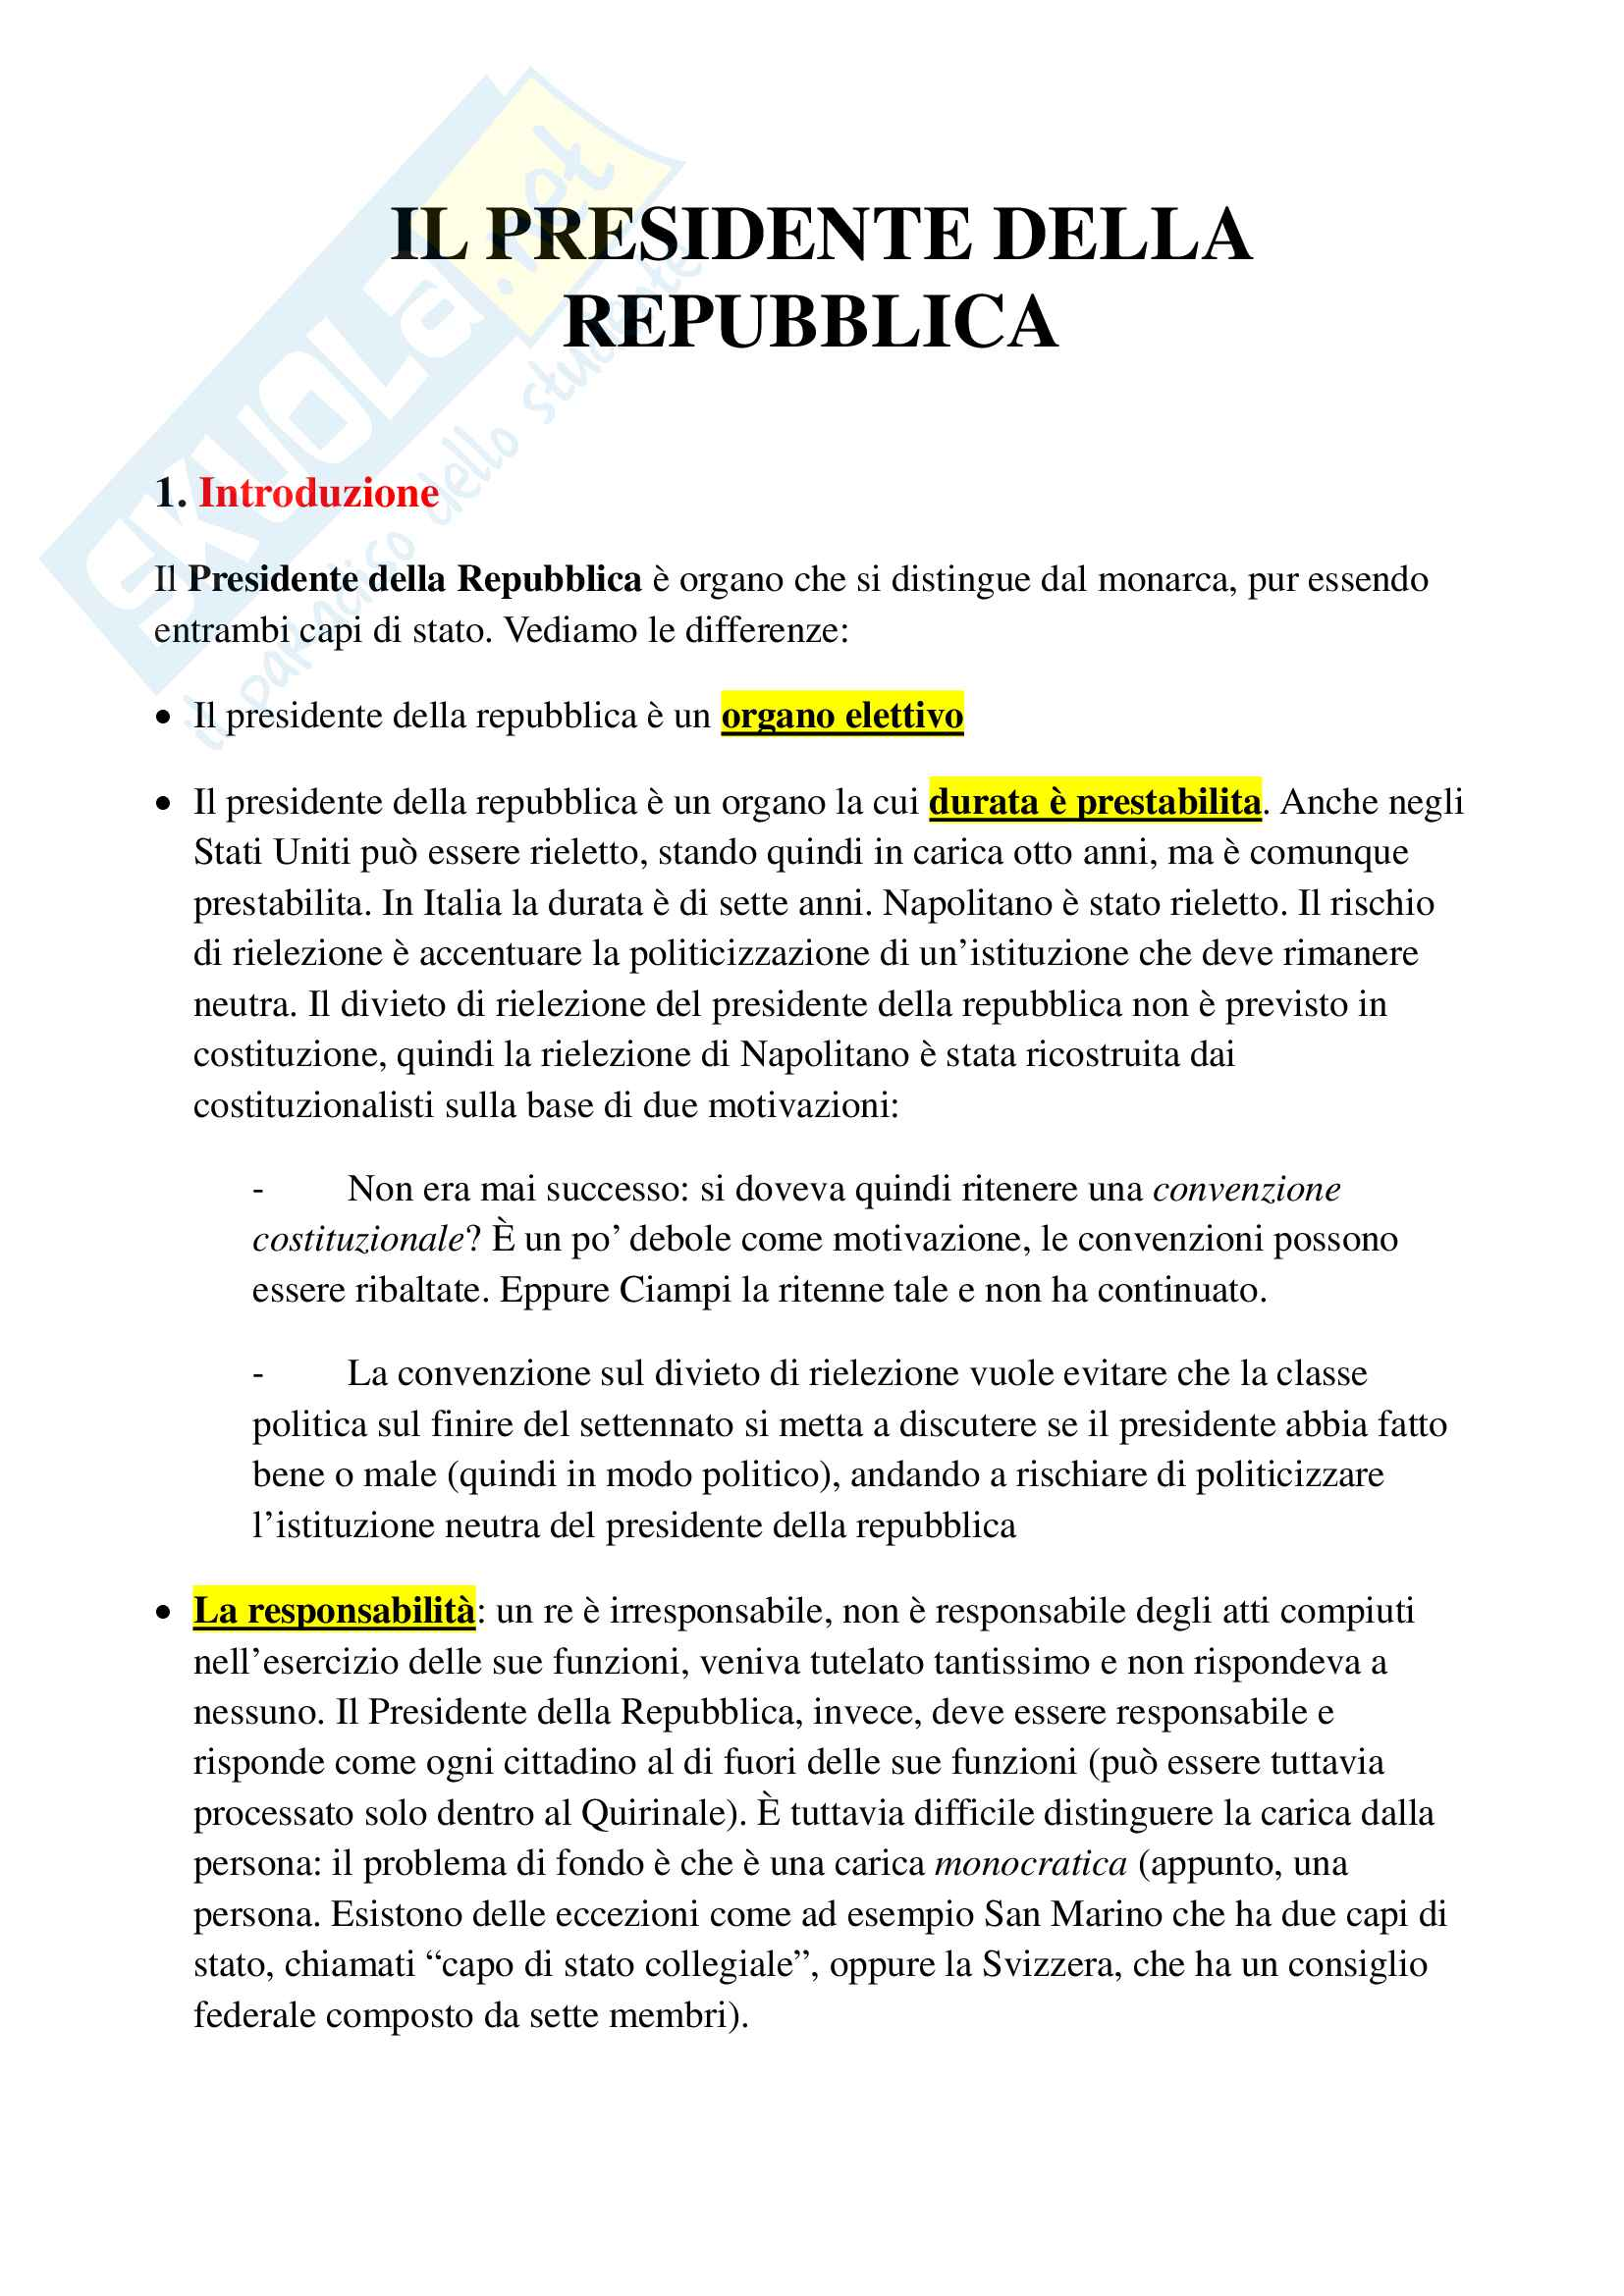 appunto D. Galliani Diritto pubblico